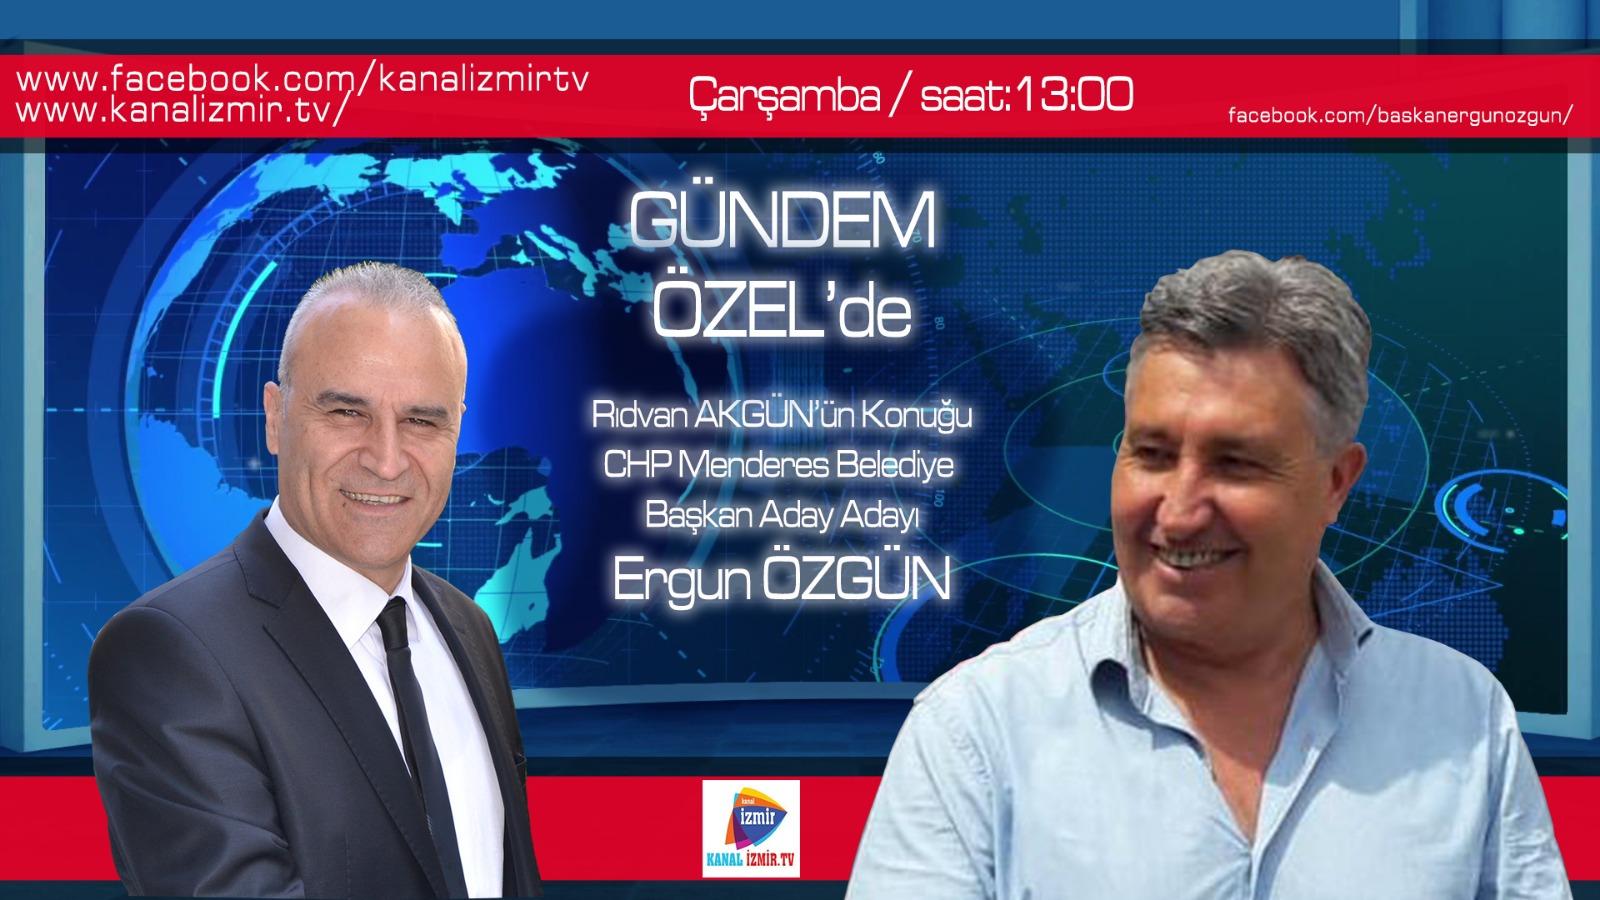 MENDERES CHP BELEDİYE BAŞKAN ADAY ADAYI ERGUN ÖZGÜN KANAL İZMİR TV GÜNDEM ÖZEL'DE...